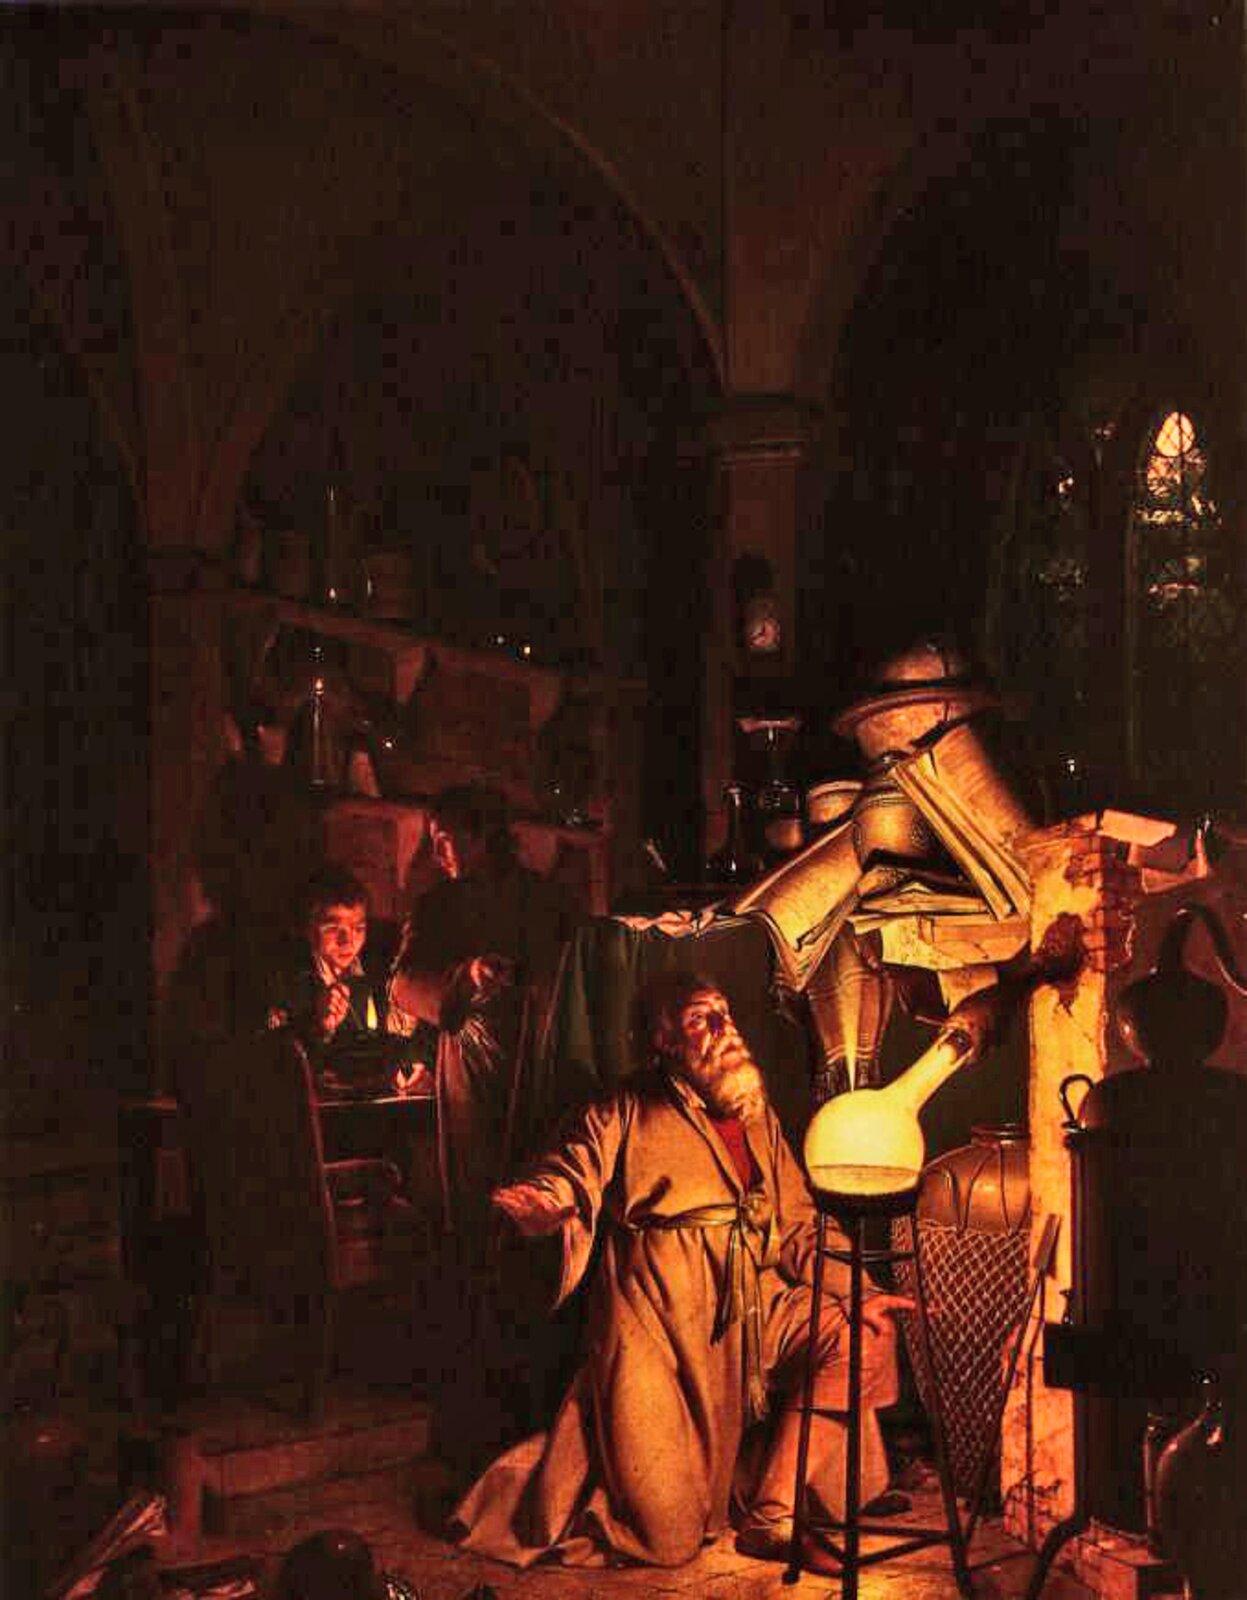 Obraz amerykańskiego malarza Josepha Wrighta z1771 roku, zatytułowany Alchemik lub Alchemik odkrywa fosfor. Prezentuje wnętrze mrocznej pracowni wstylu gotyckim, pełną alchemicznych przyrządów iksiąg. Wprawym dolnym rogu na pierwszym planie stoi stary, siwobrody alchemik wszarej szacie klęczy patrząc zzachwytem na wielką kolbę na stojaku podłączoną do aparatu do destylacji. Szklane naczynie wypełnia biały, świecący płyn. Tuż za uczonym stoi stół nakryty zielonym suknem izastawiony księgami, ajeszcze wyżej wysokie gotyckie okno, za którym widać nocne niebo zksiężycem wpełni. Po lewej stronie wgłębi sceny znajduje się ściana zpółkami zastawionymi sprzętem laboratoryjnym idwóch młodych uczniów, zktórych jeden trzyma zapalony kaganek, adrugi zuśmiechem wskazuje mistrza.